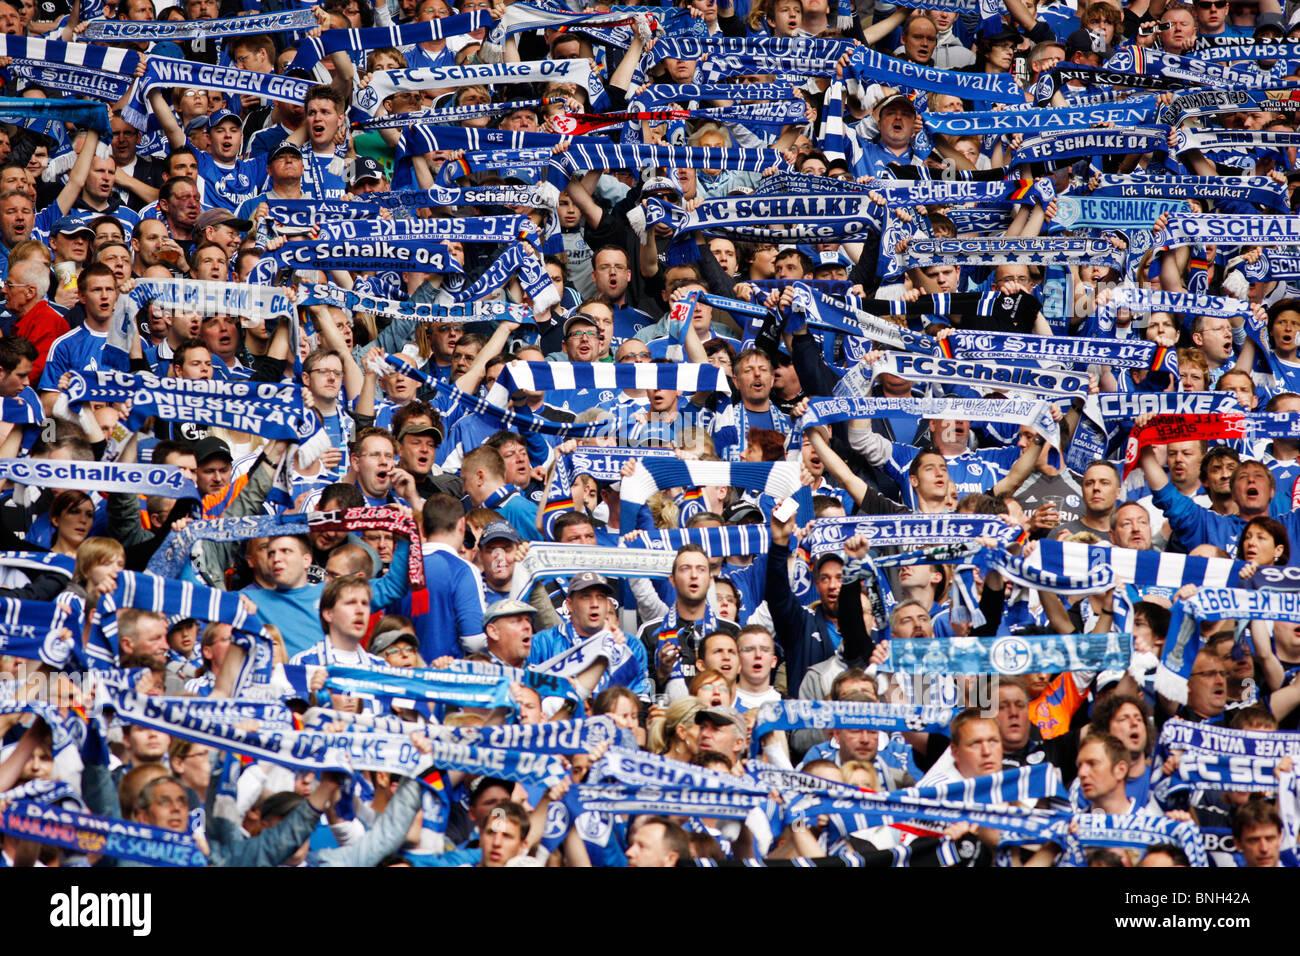 Le football, le soccer, le partisan de la major league football club allemand Schalke 04, dans la Veltins Arena Stadium. Banque D'Images